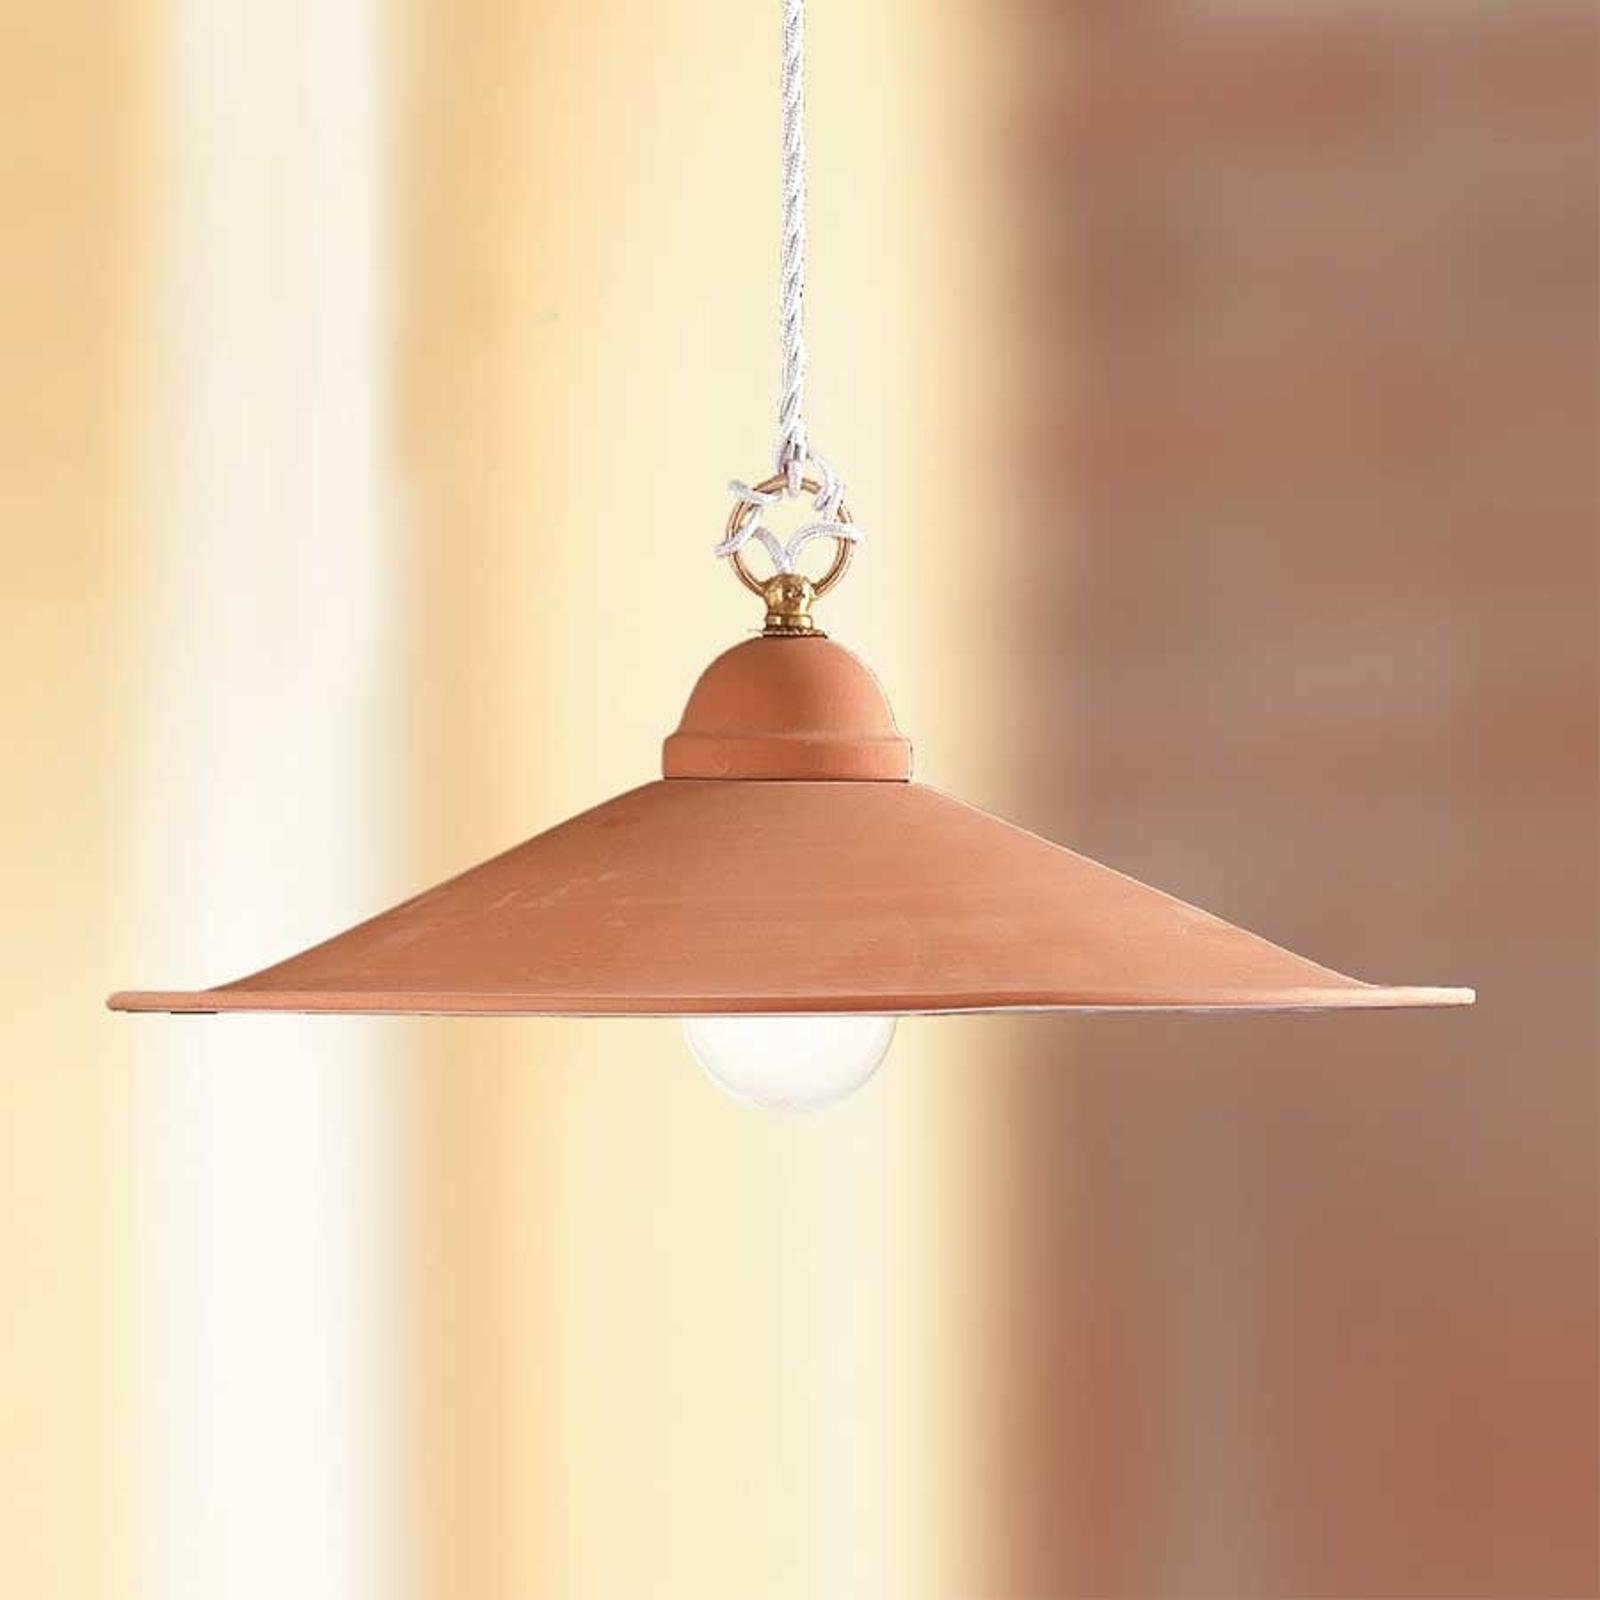 Závěsné světlo GIULIA, keramické stínidlo 28 cm